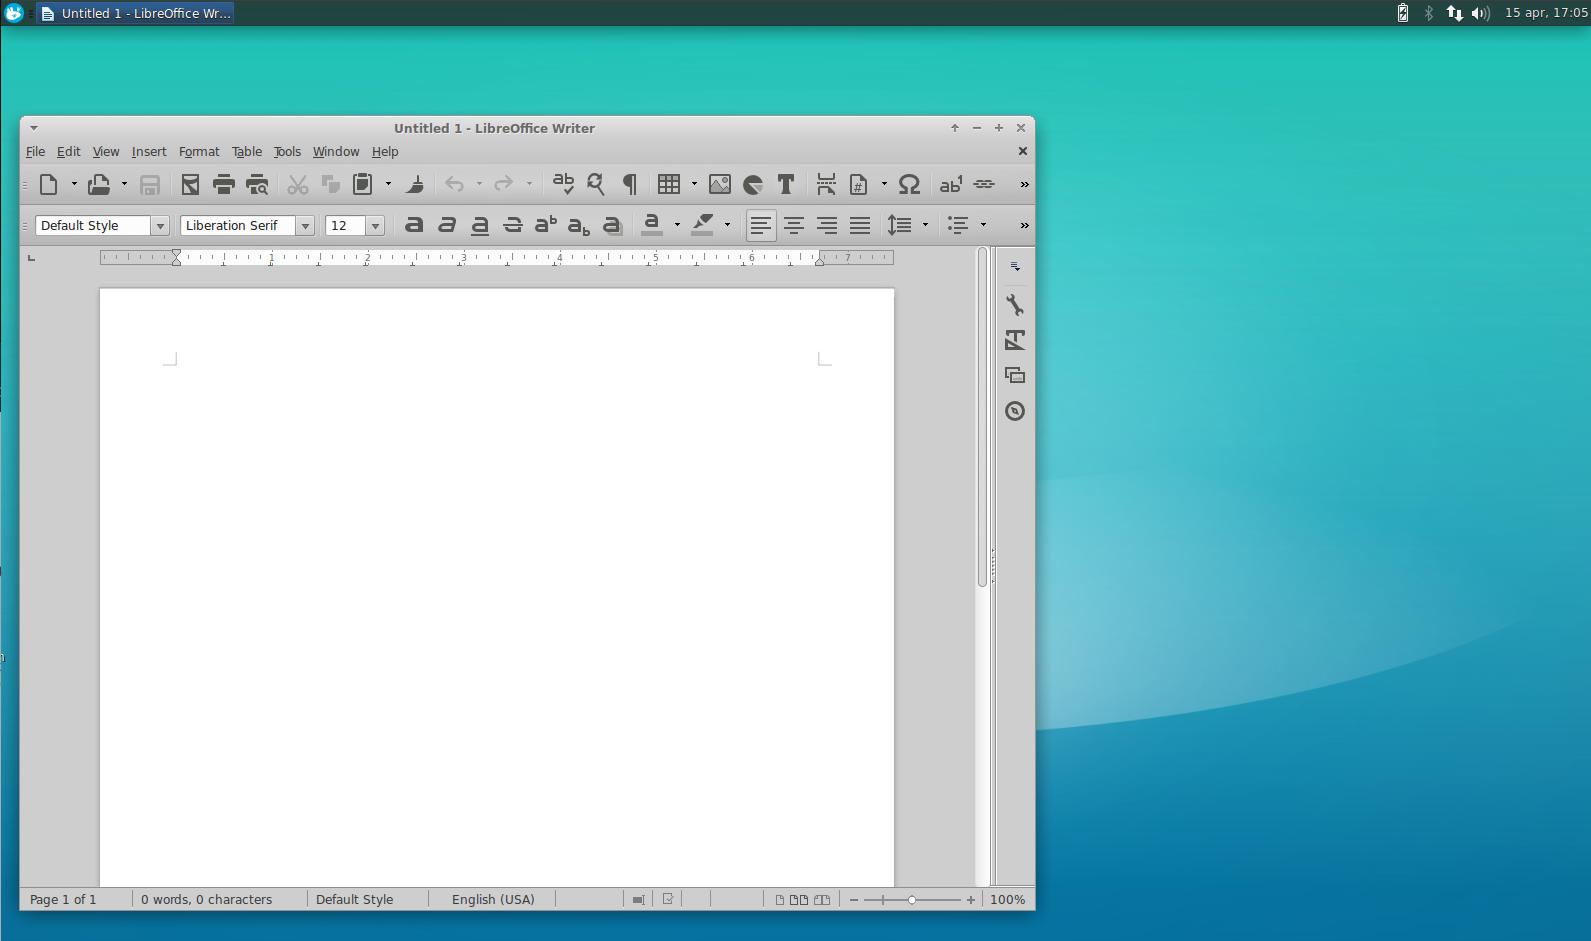 LibreOffice Xubuntu